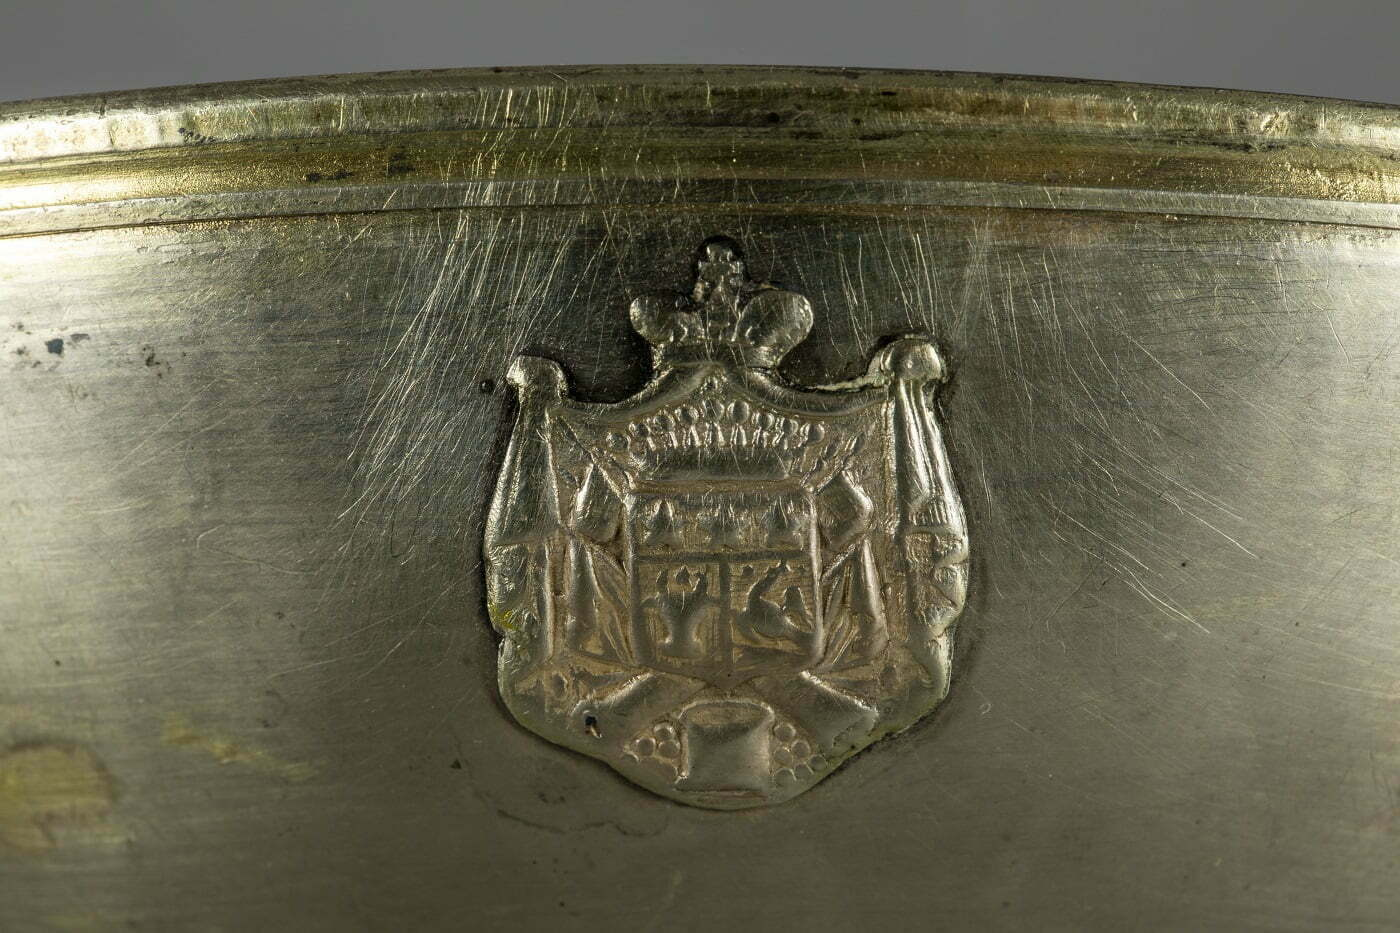 Castronaș de argint din tezaurul MNIR, având reprezentată prima stemă a Principatelor UNite